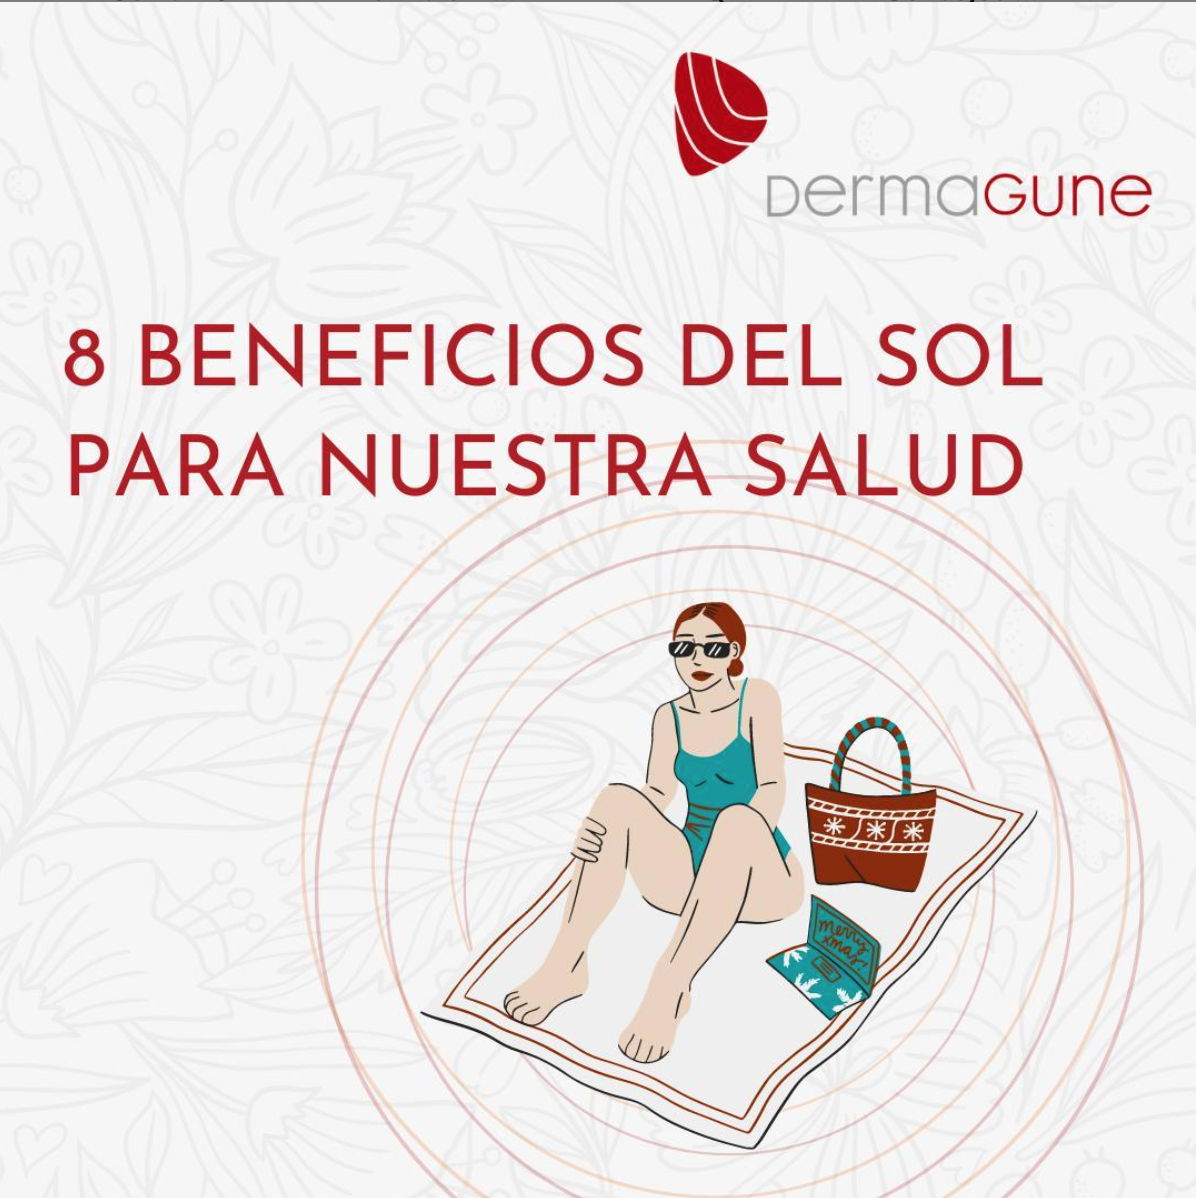 8-beneficios-del-sol-para-nuestra-salud.png